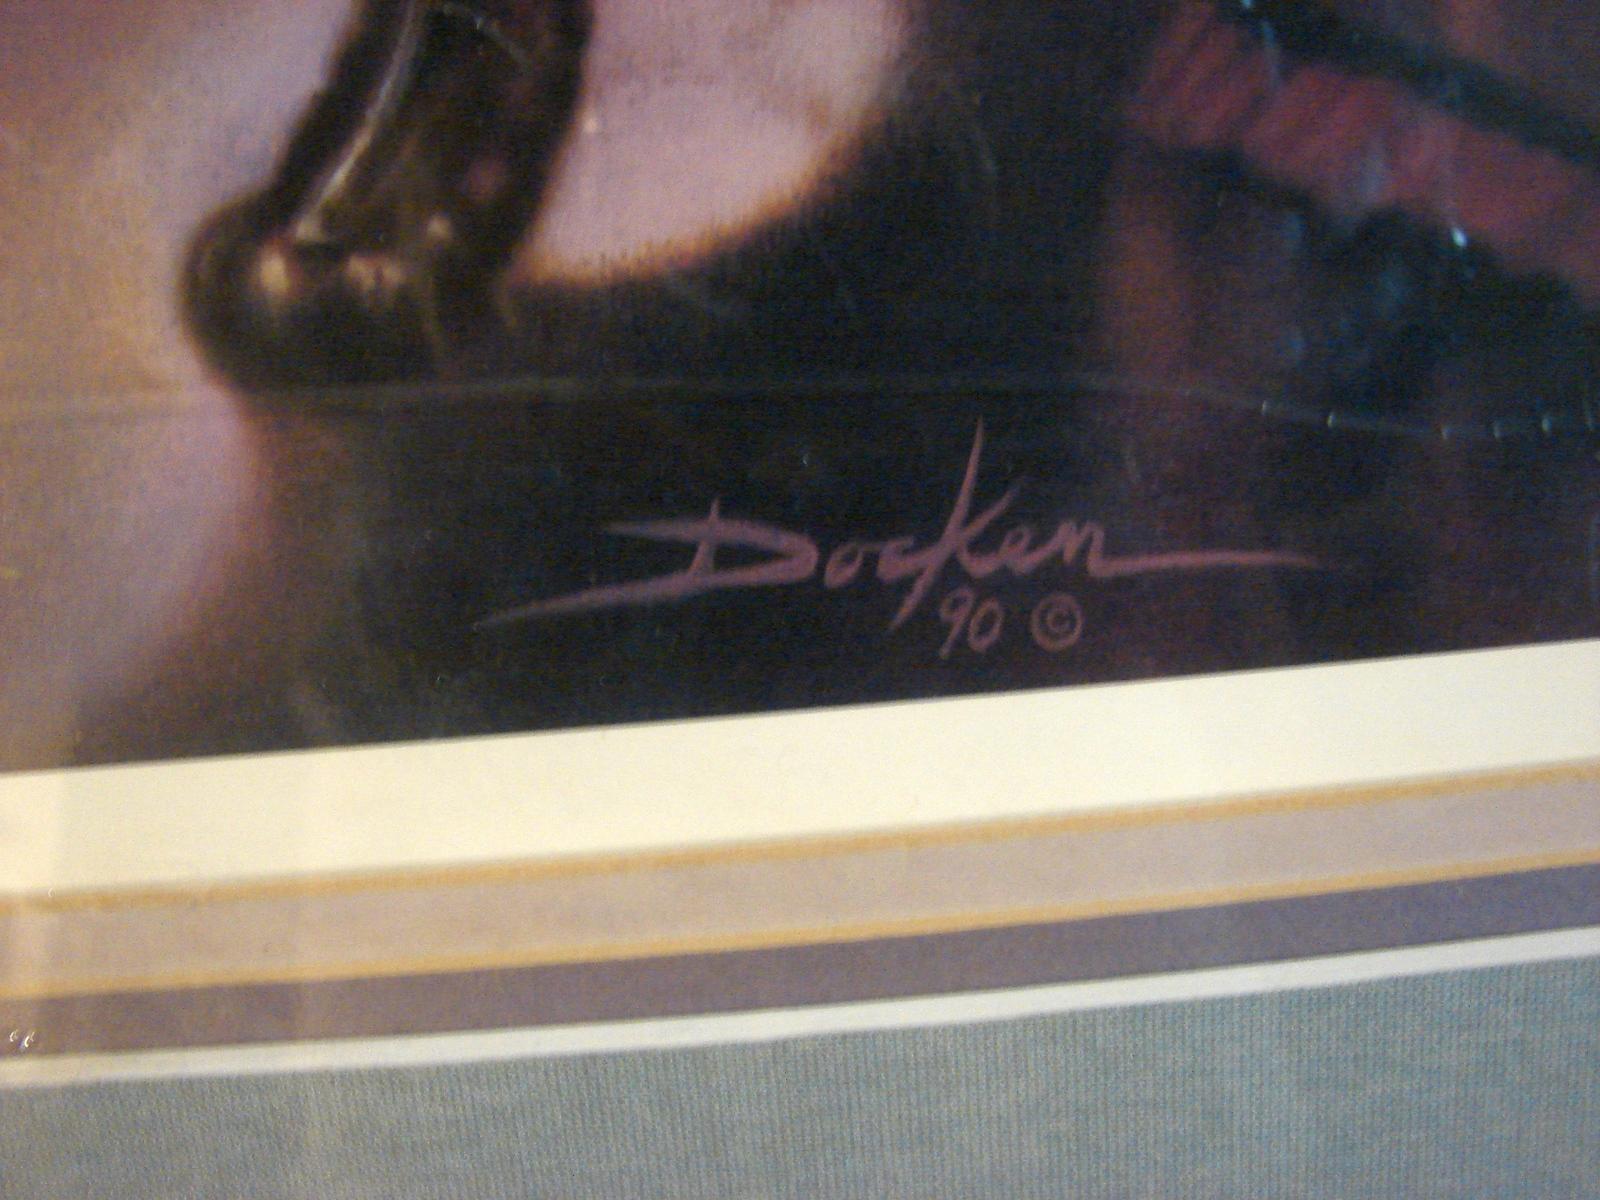 Older Russ Docken Signed, Ltd Ed Numbered, Matted Print (1990)